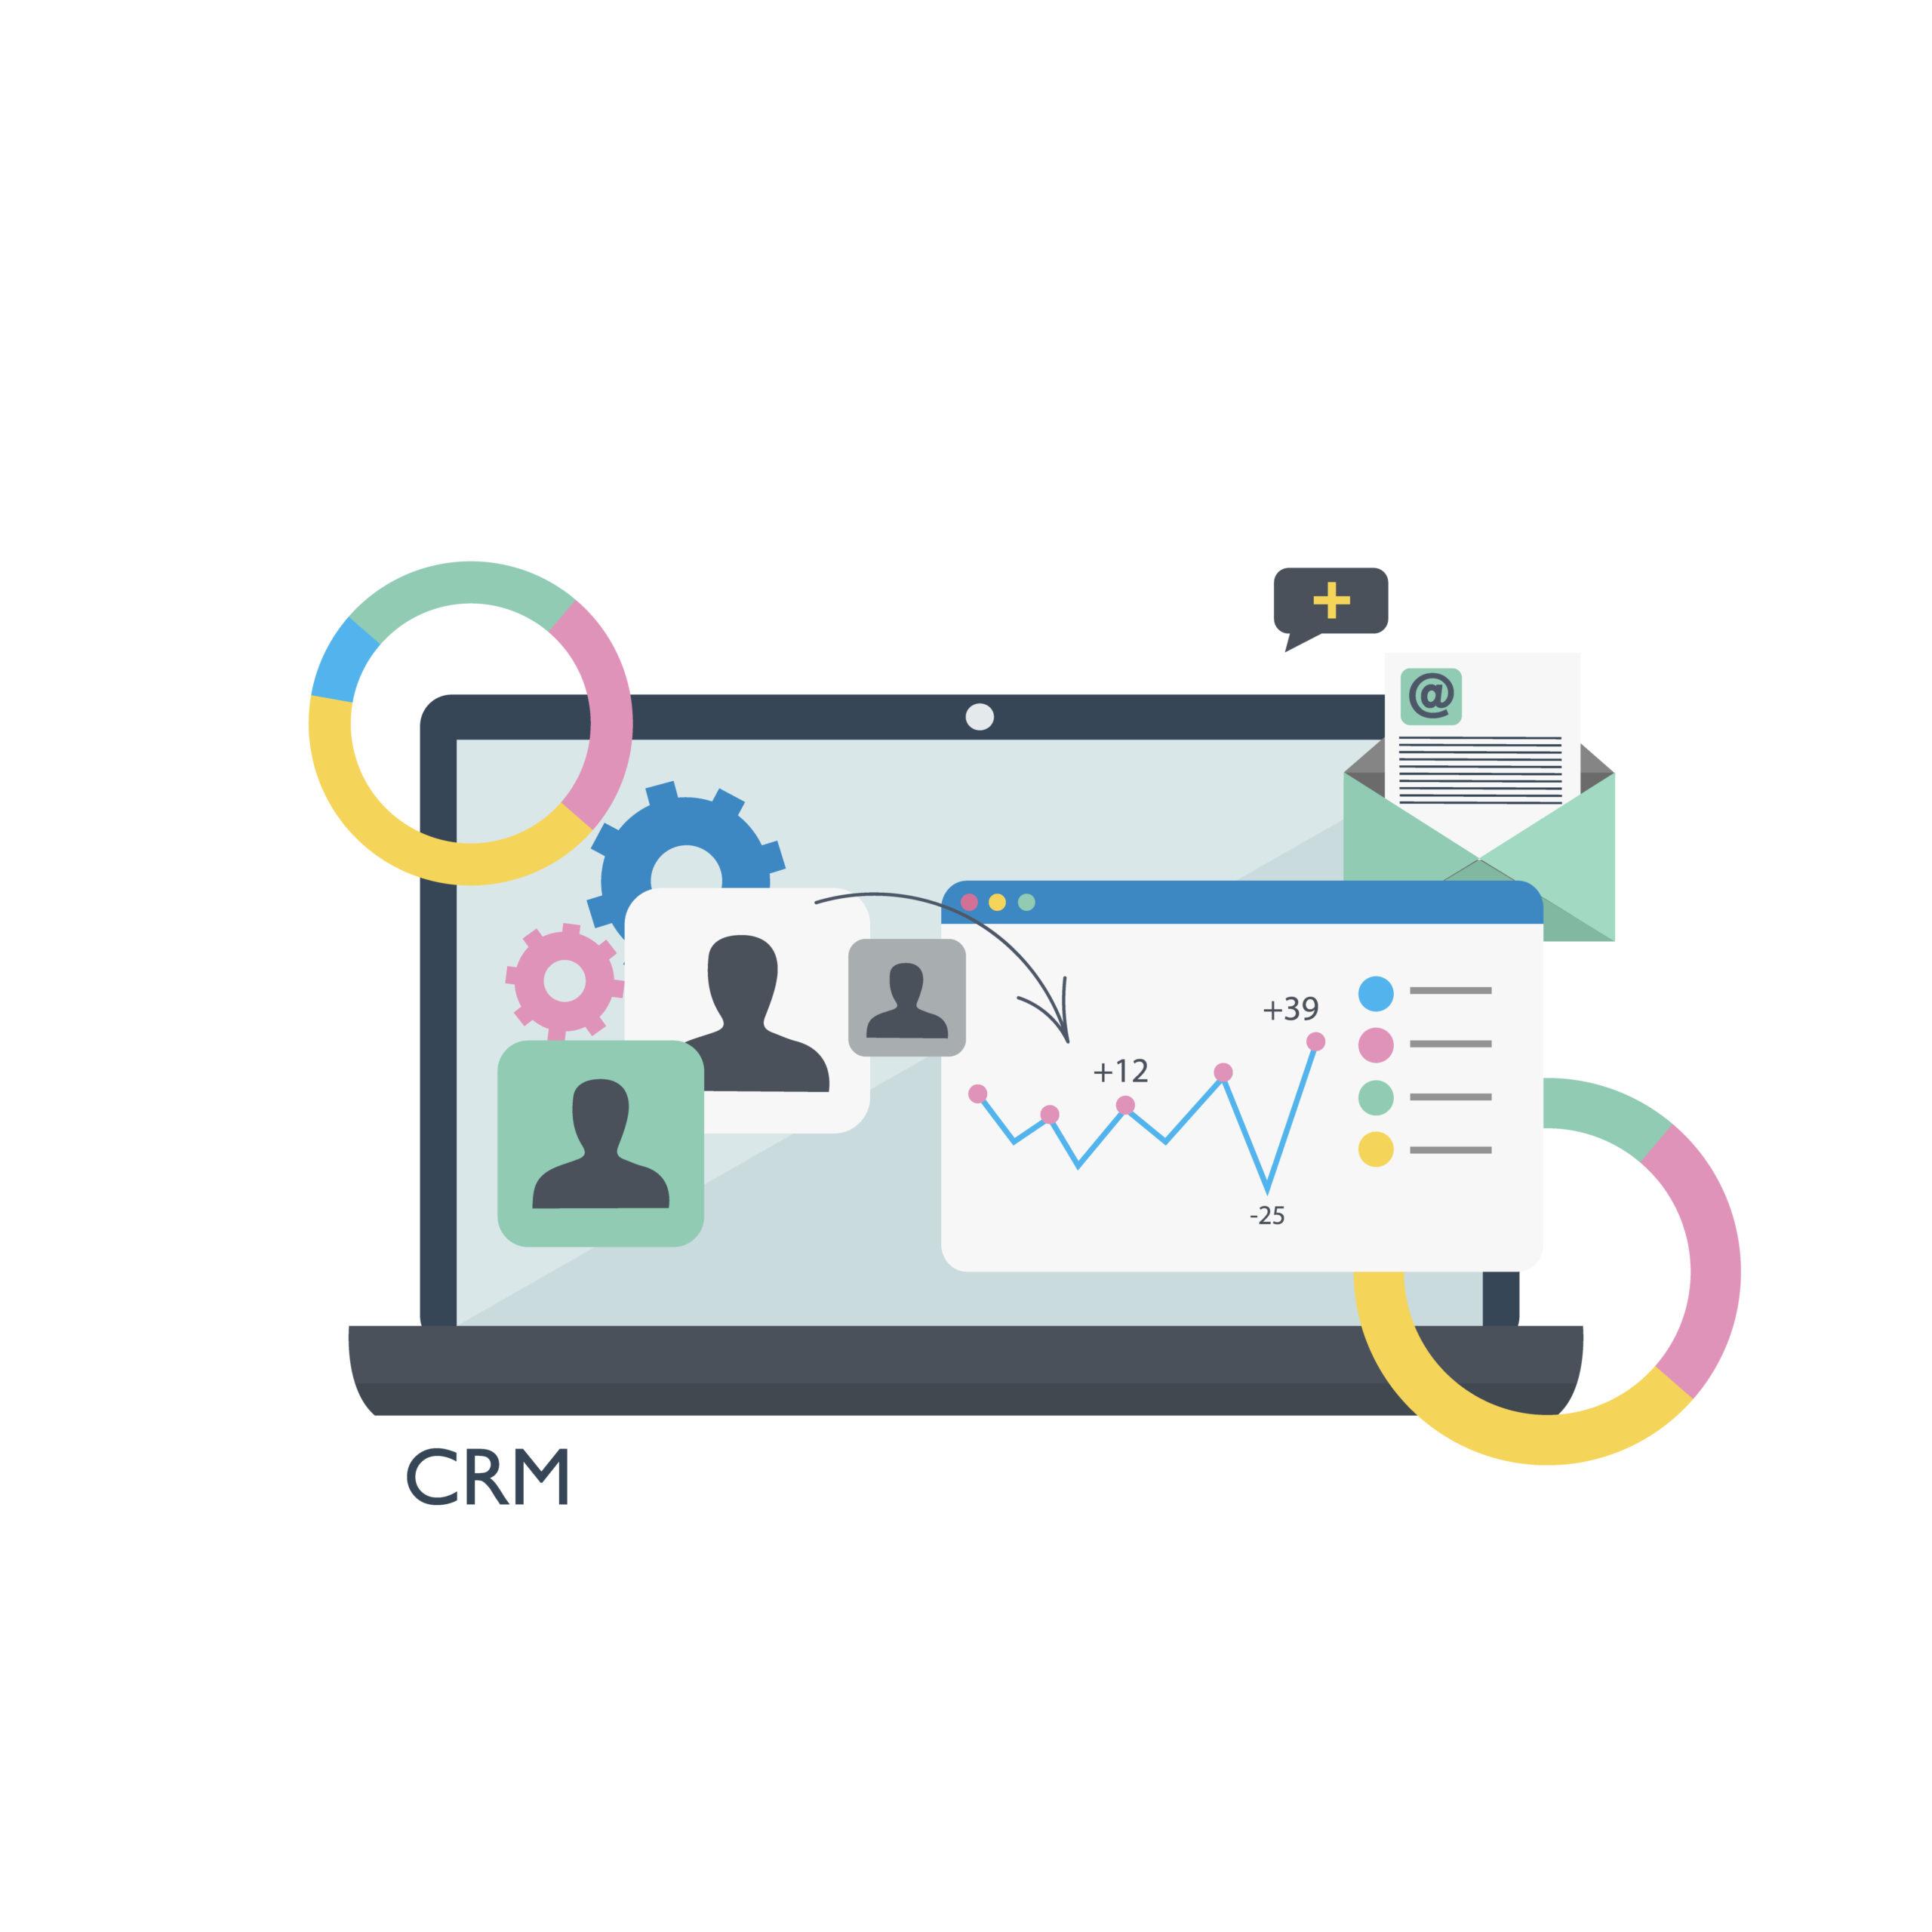 Kako izboljšati prodajno strategijo s CRM?